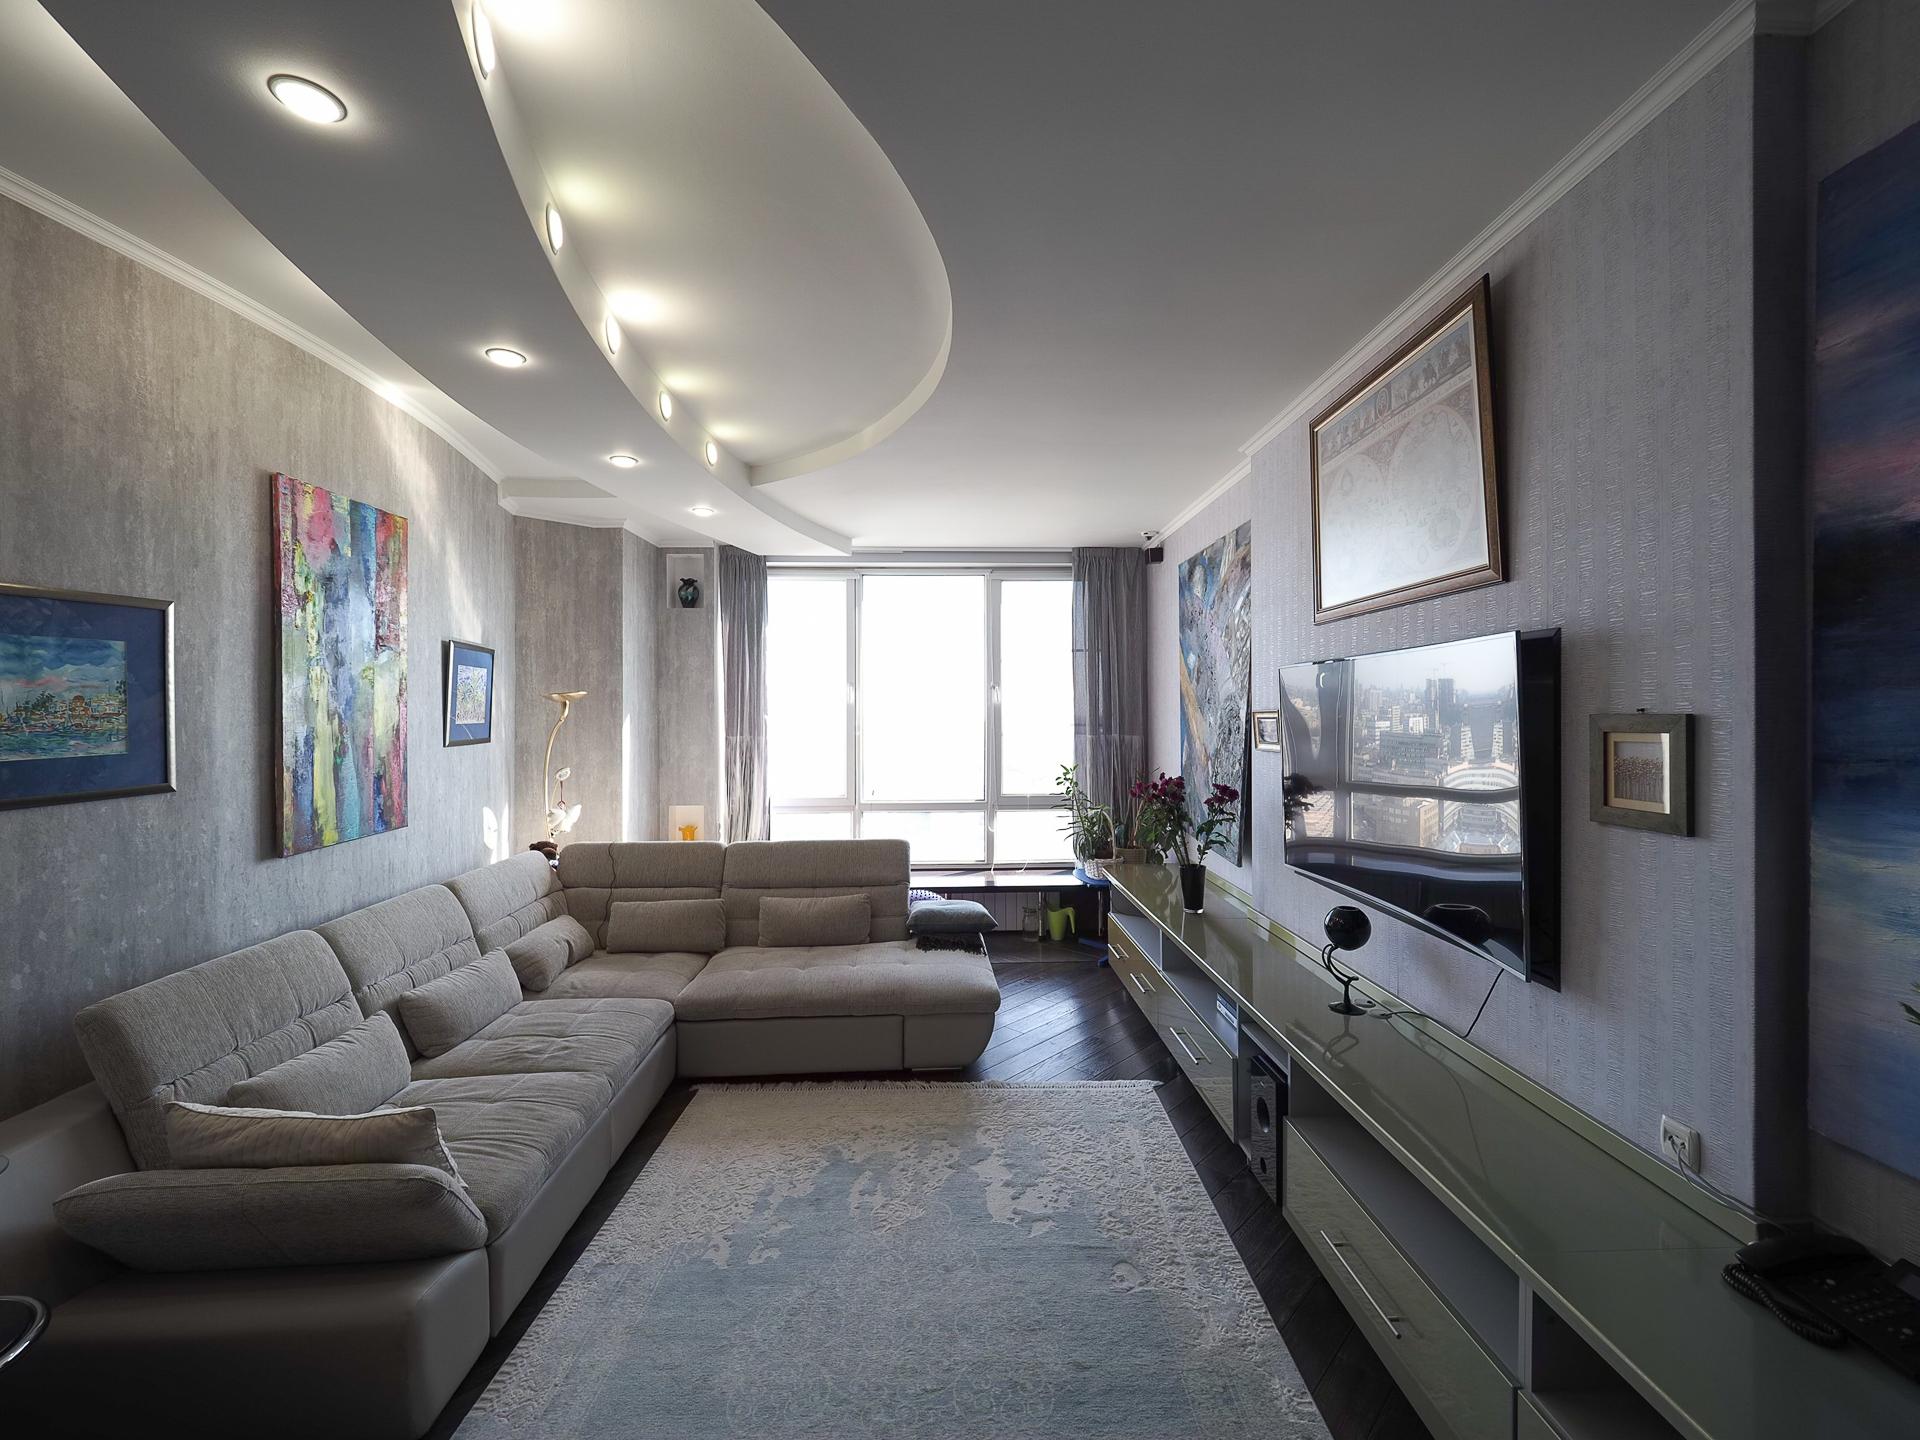 видовая квартира 22 этаж 100 Кв м 3